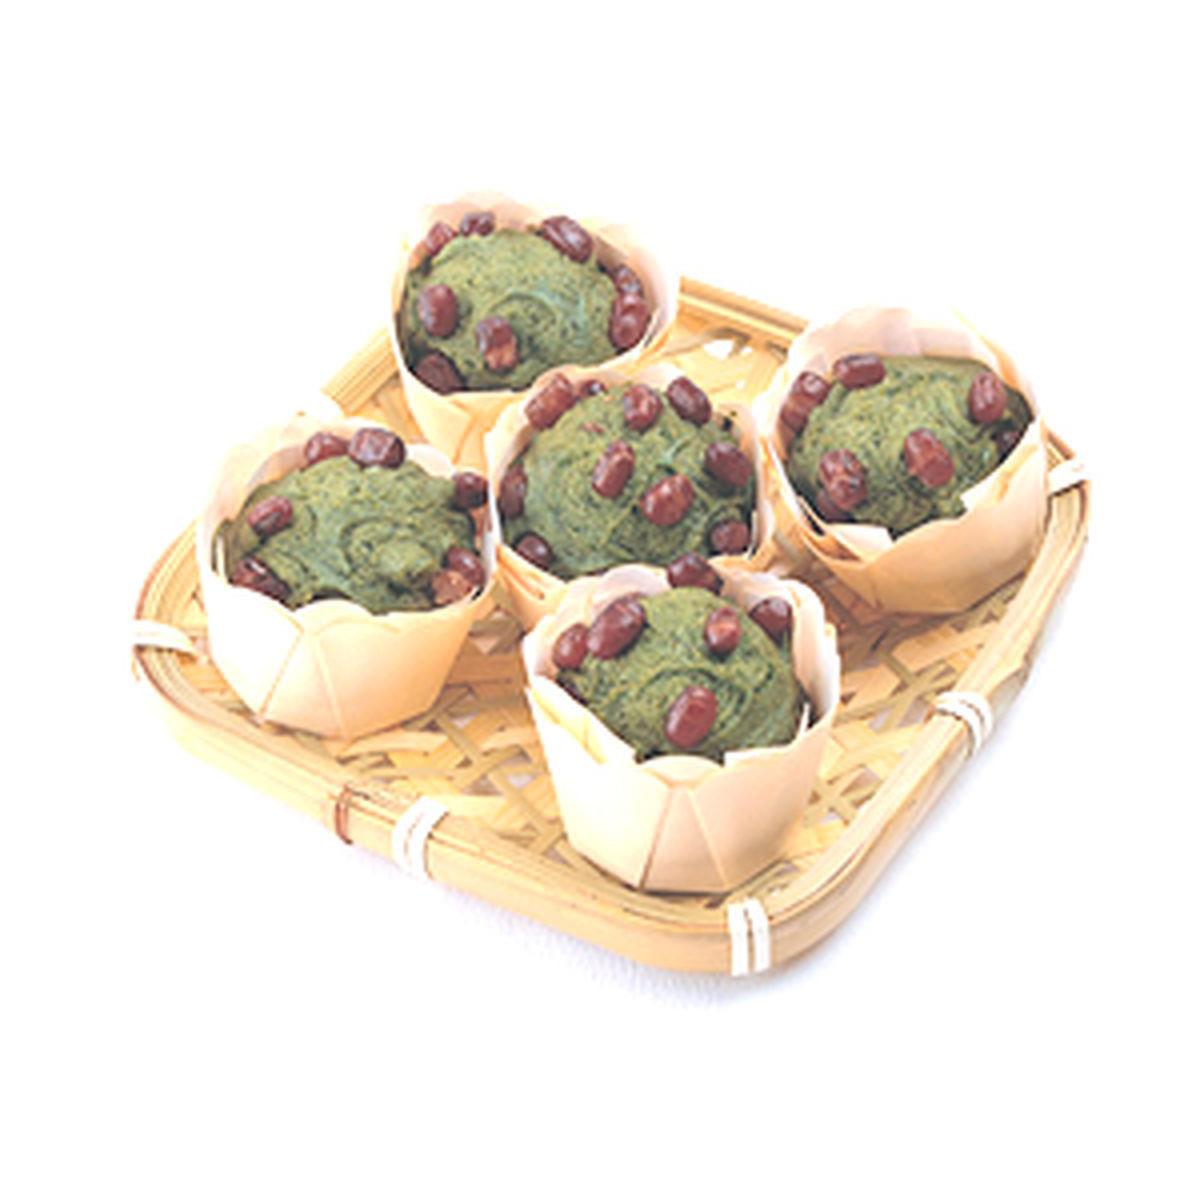 食譜:抹茶小倉蒸糕(2)